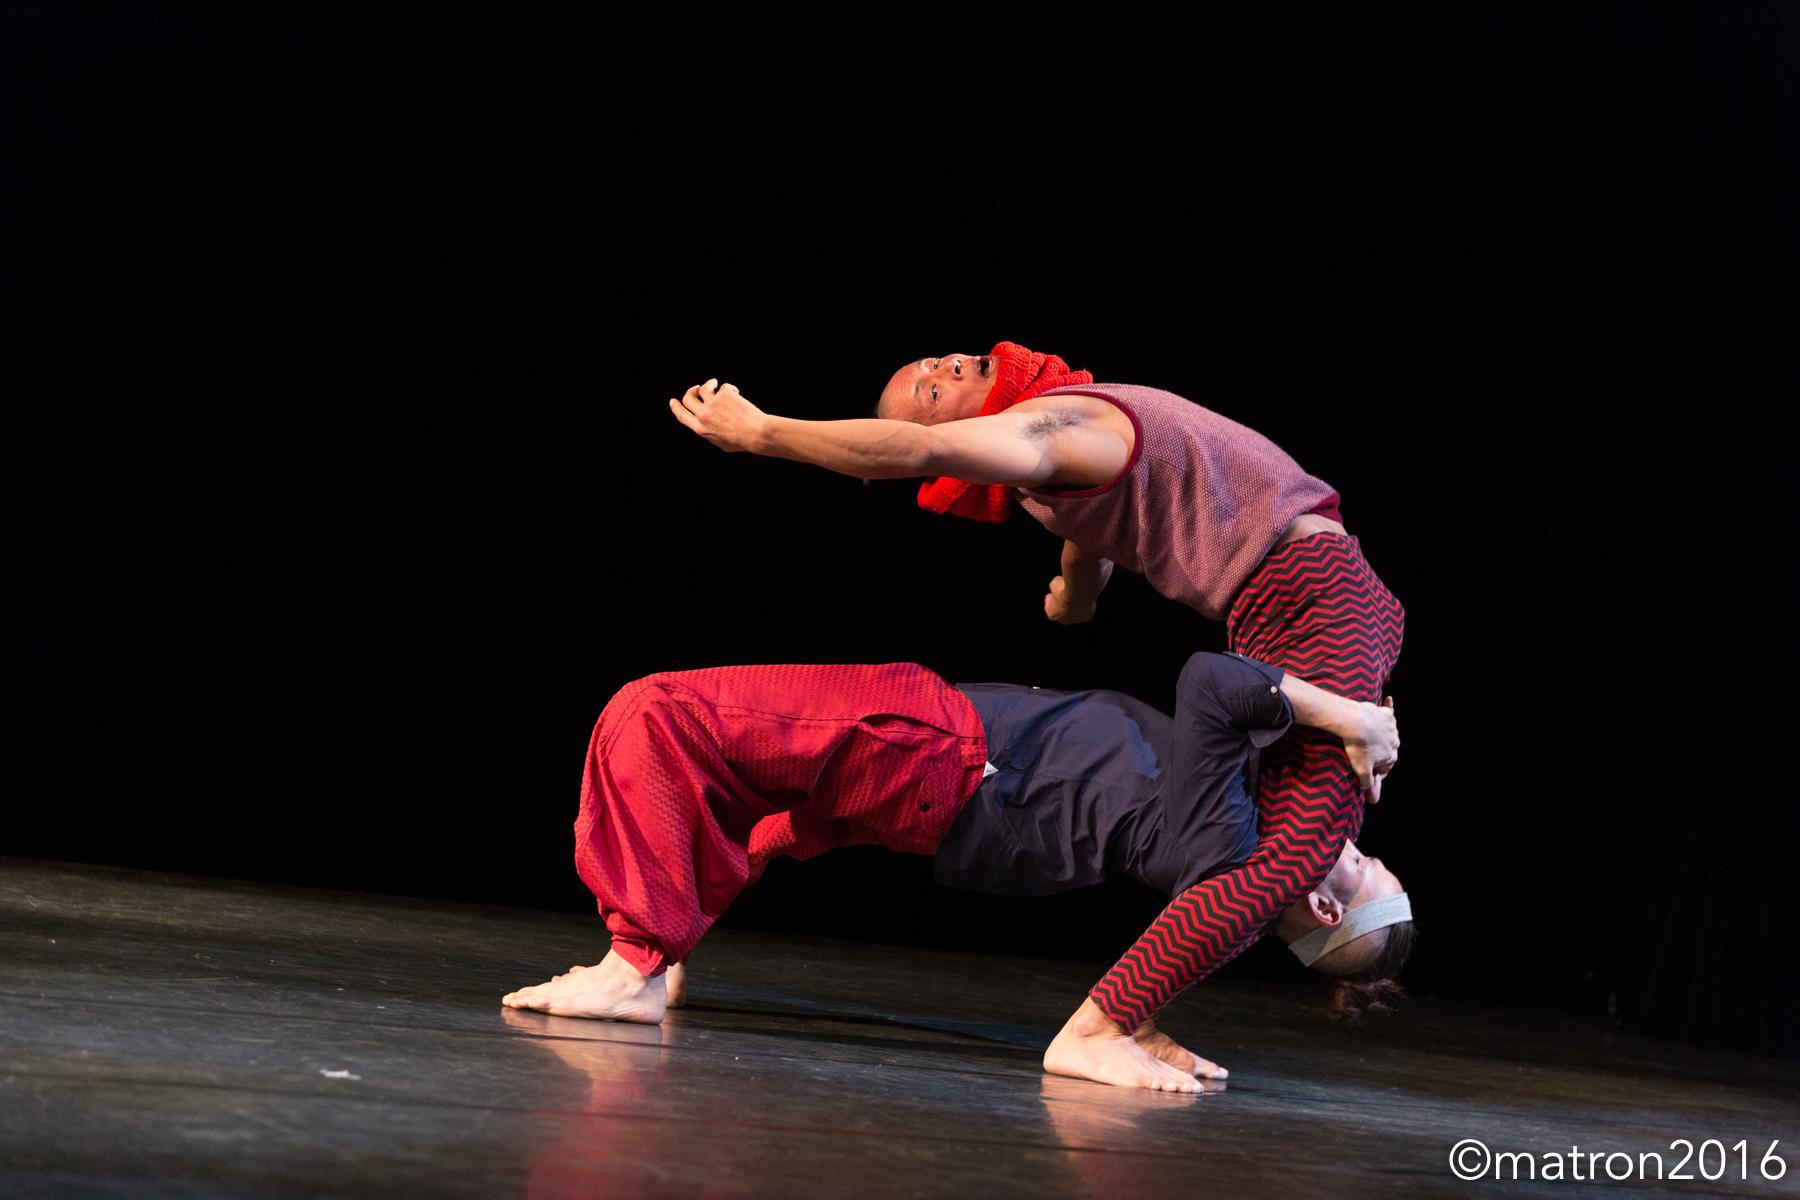 ダンス 森山 未來 森山未來の知られざるダンスの実力とは?幼少期からダンス経験者の本格派